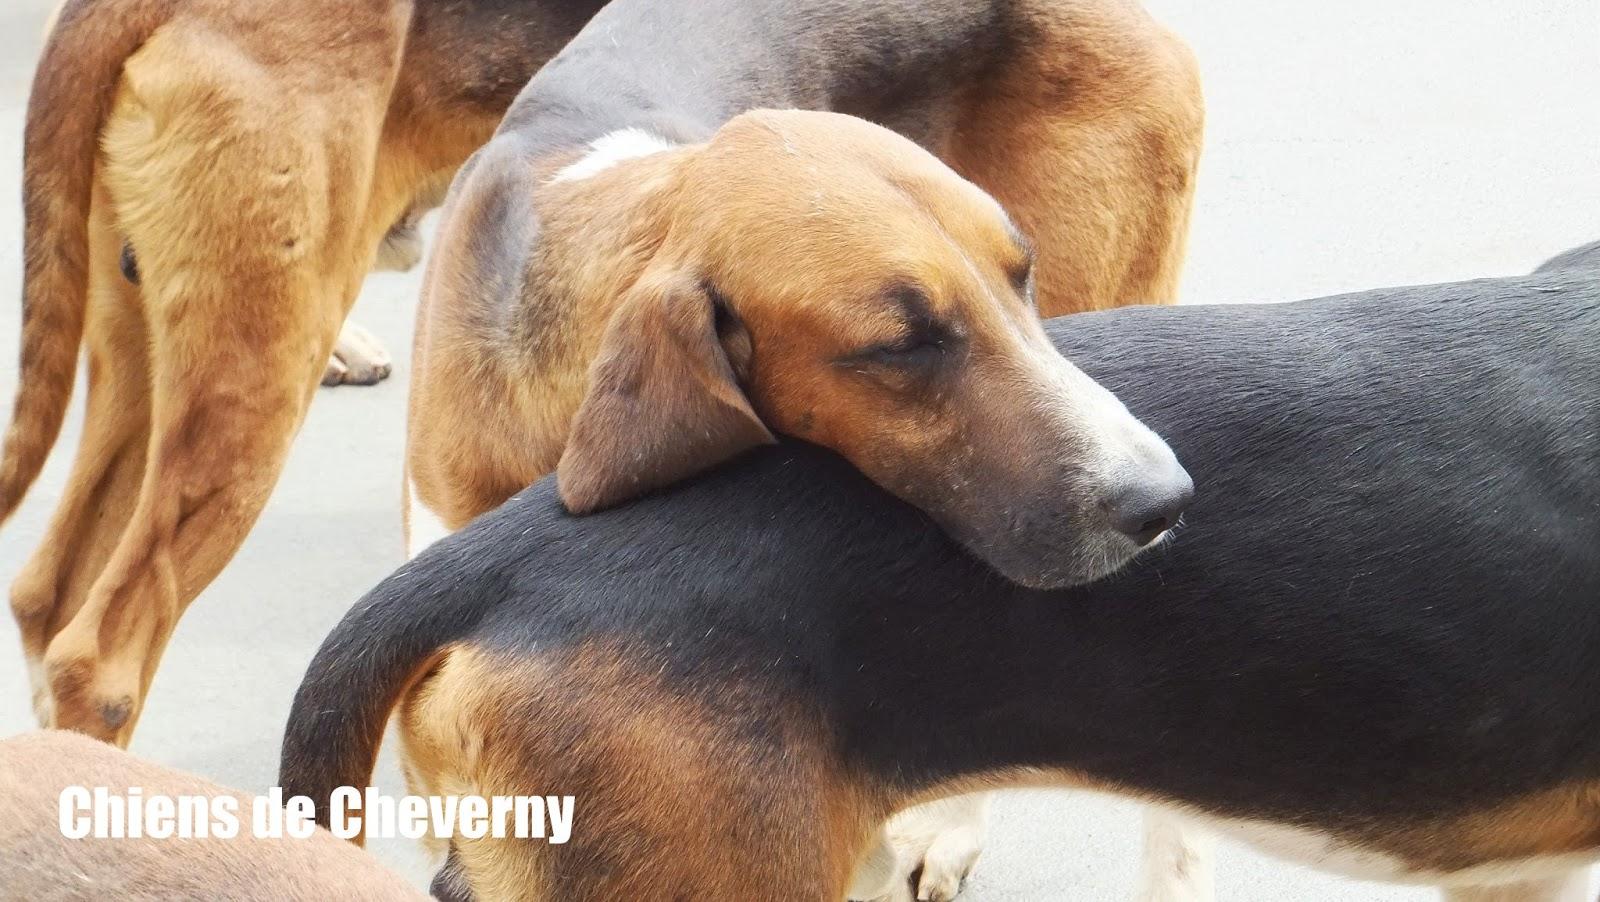 Perros de caza, soupe de chiens, Cheverny, Elisa N, Blog de Viajes, Lifestyle, Travel